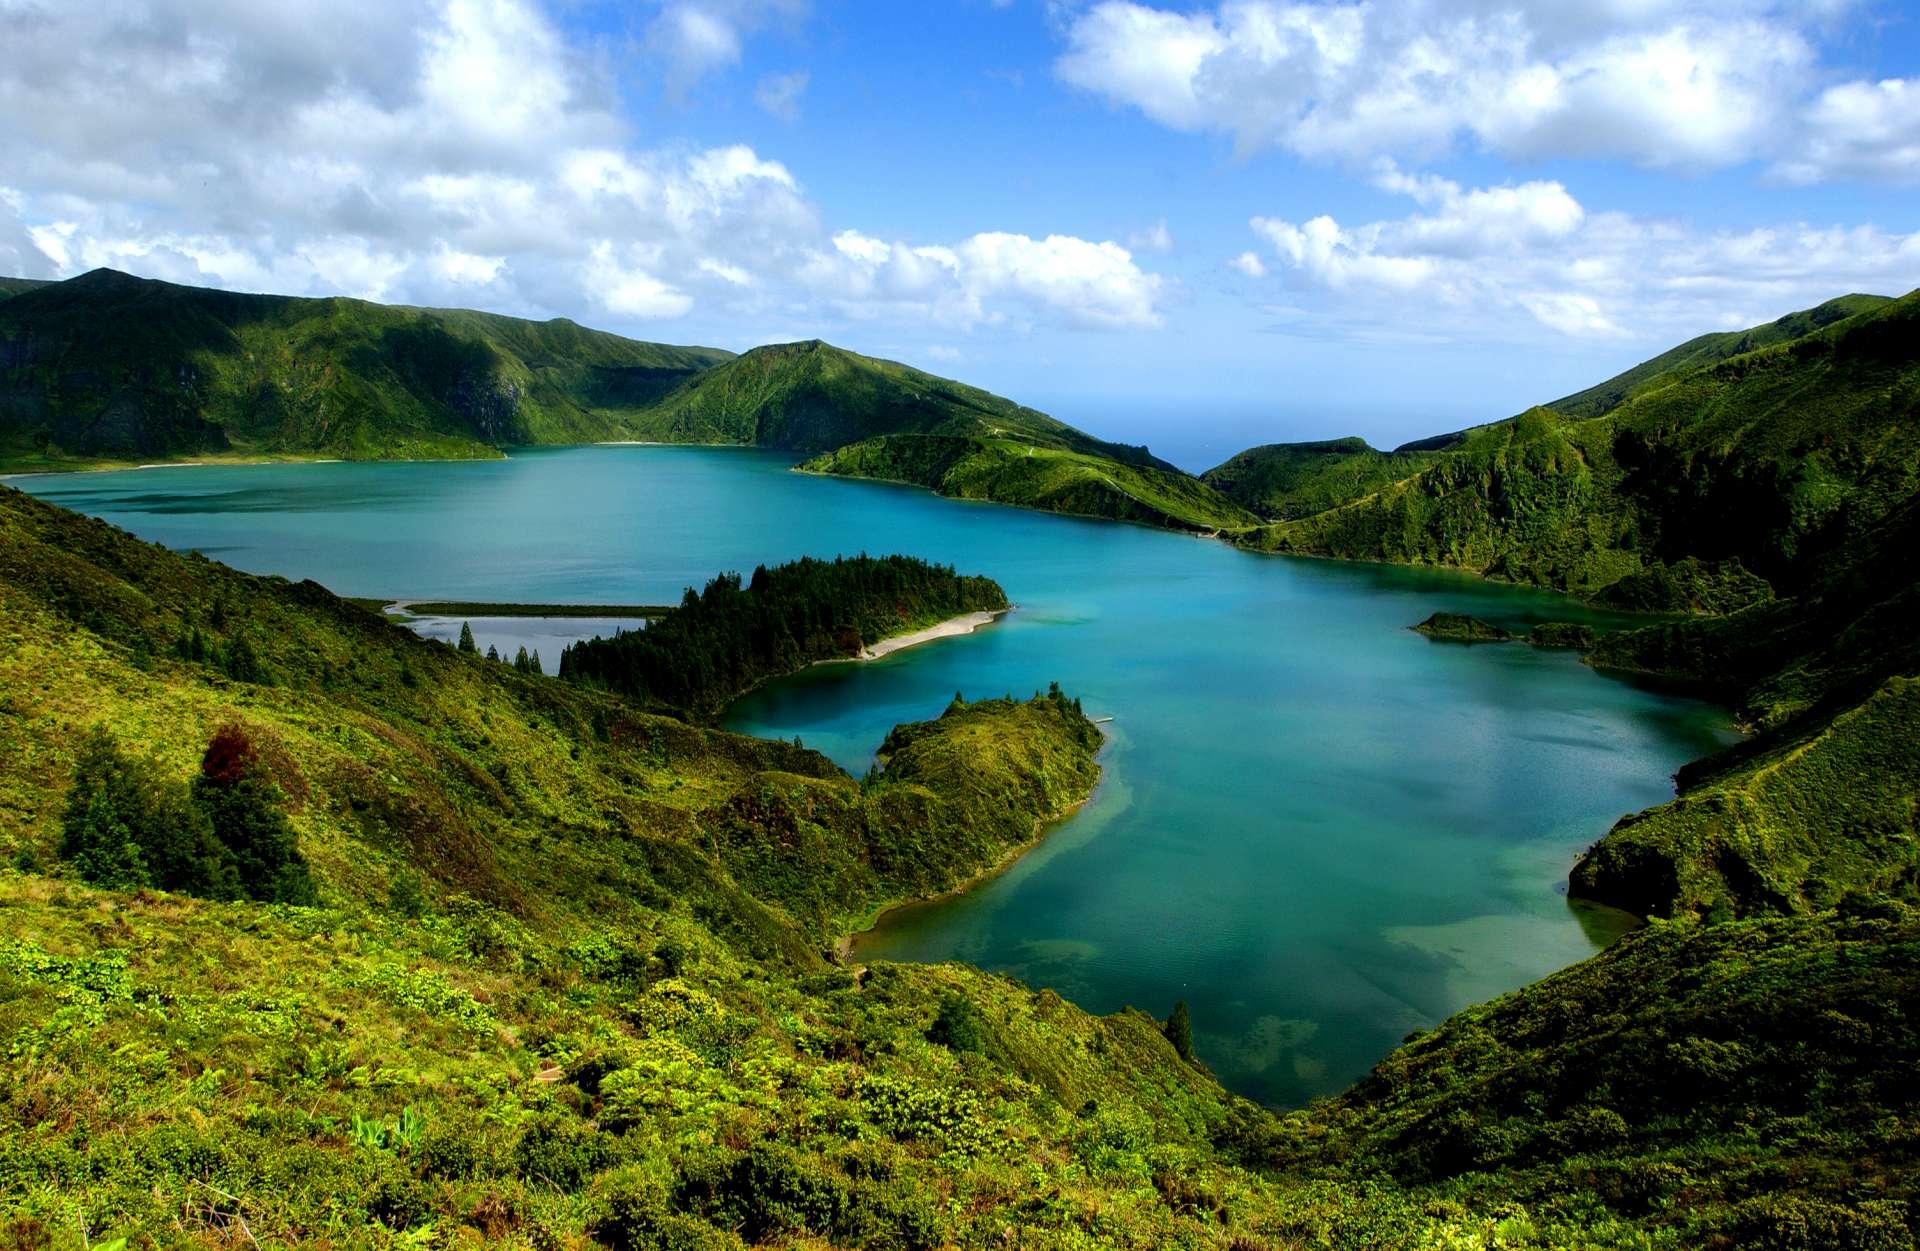 Cratère de 30 m de profondeur qui abrite le Lago de Fogo (lac de feu) sur l'île de São Miguel